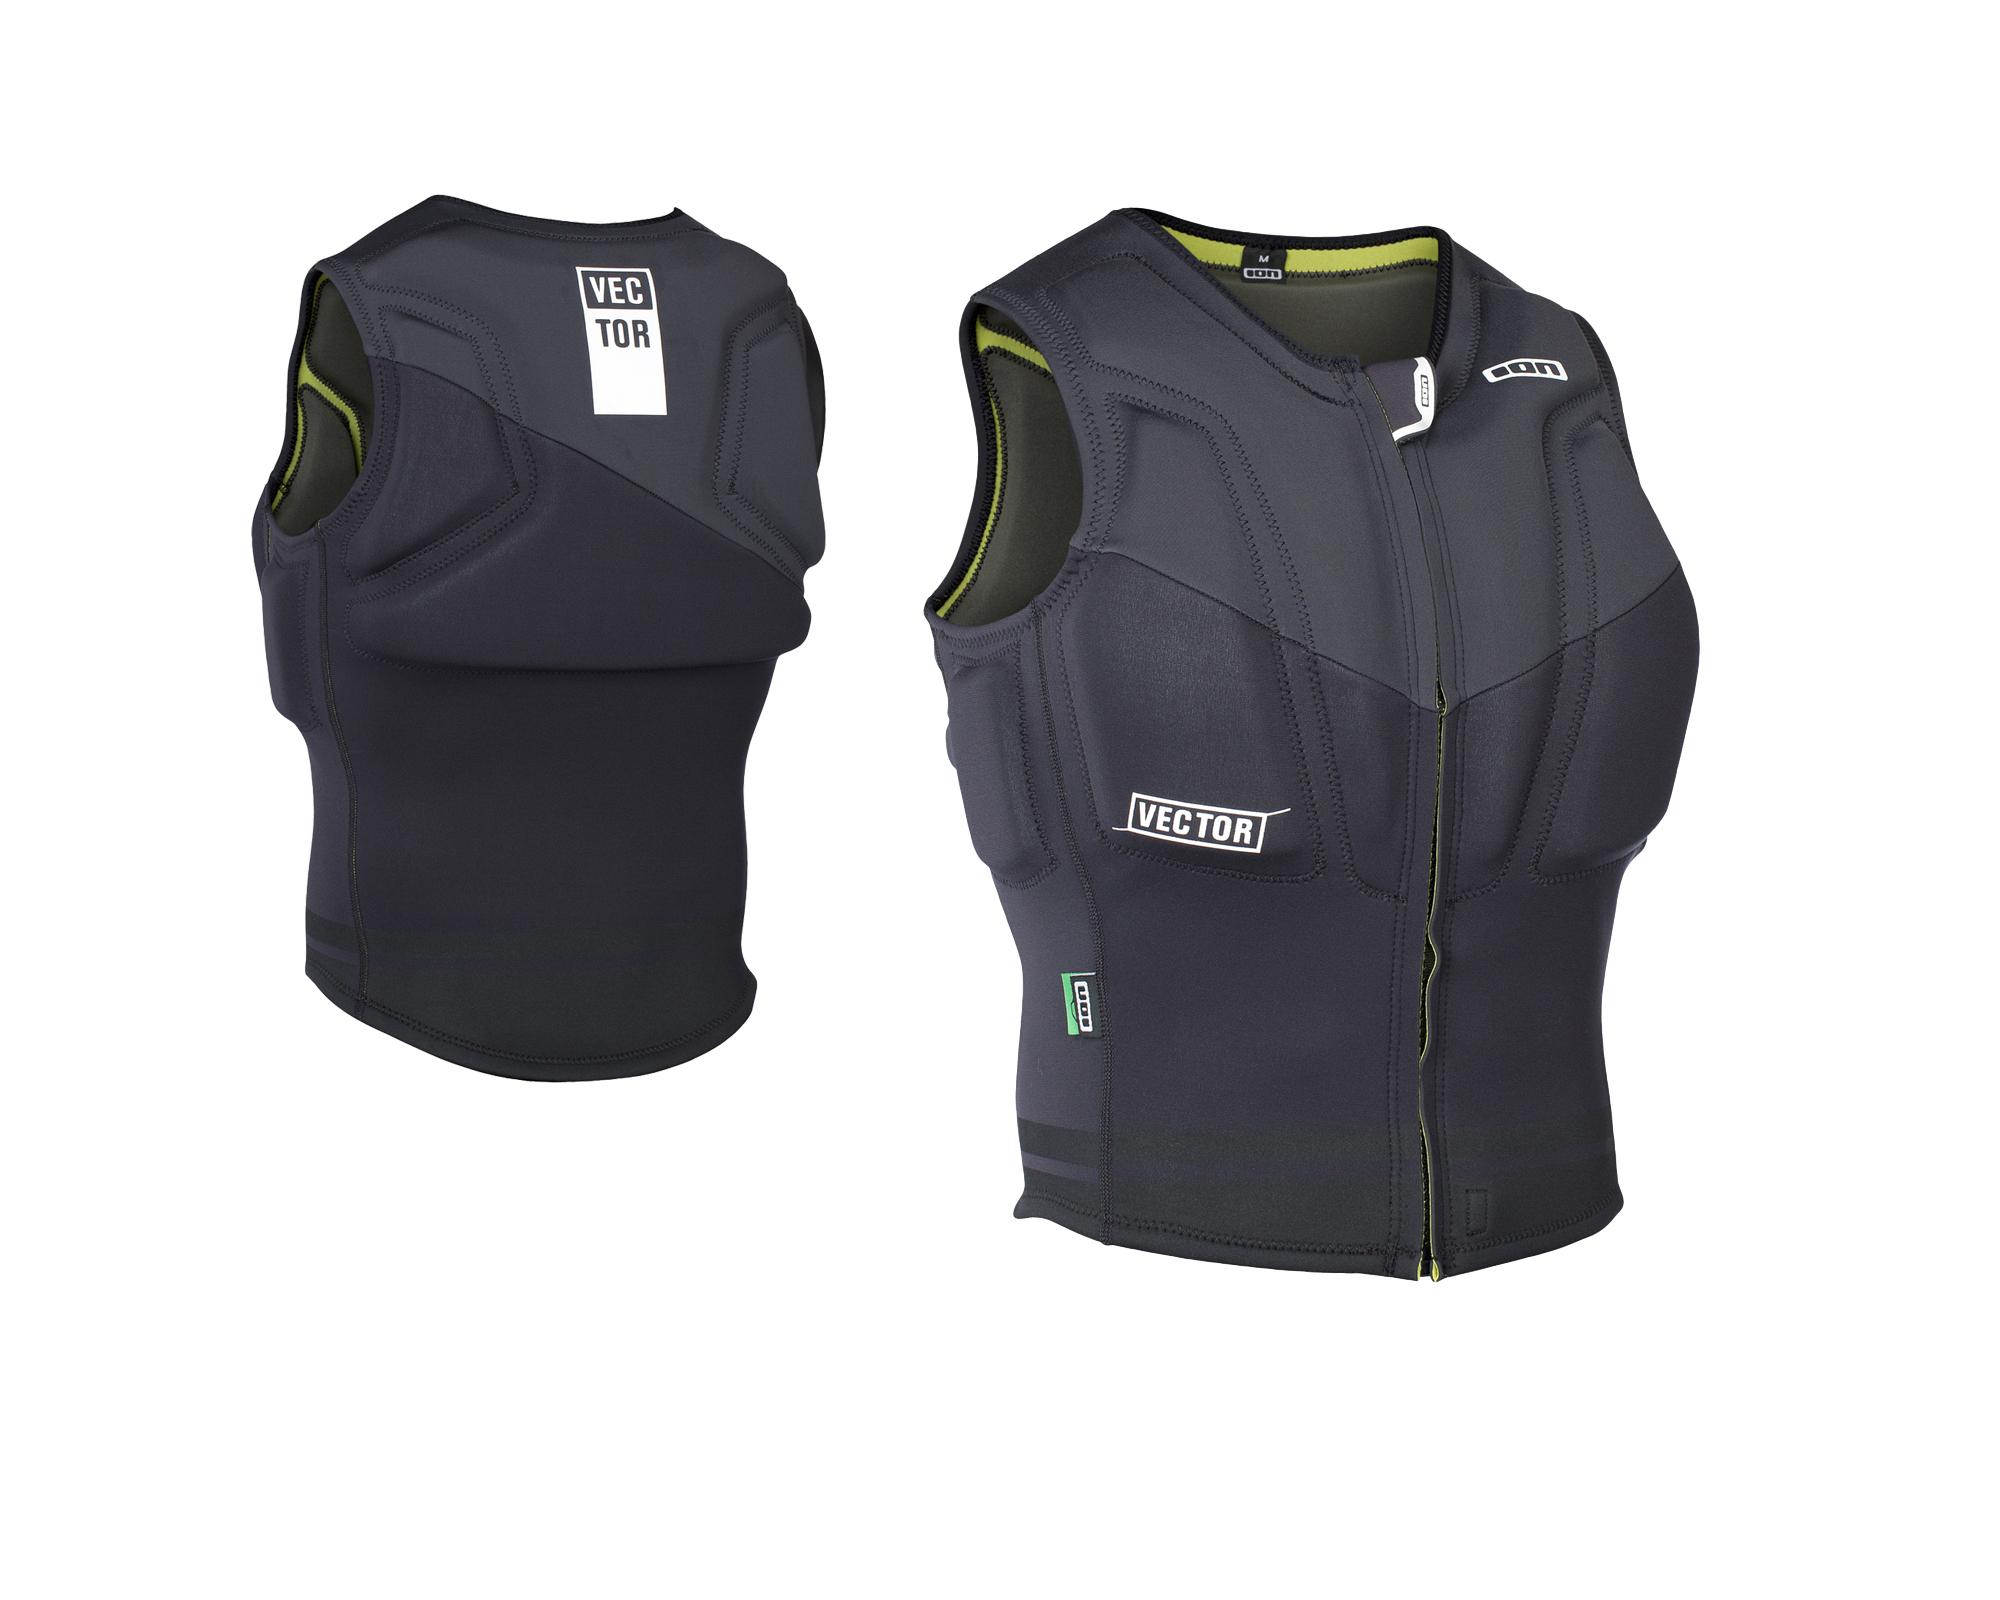 ION Vector Vest - Prallweste für Hüft- und Sitztrapezfahrer und Fahrerinnen